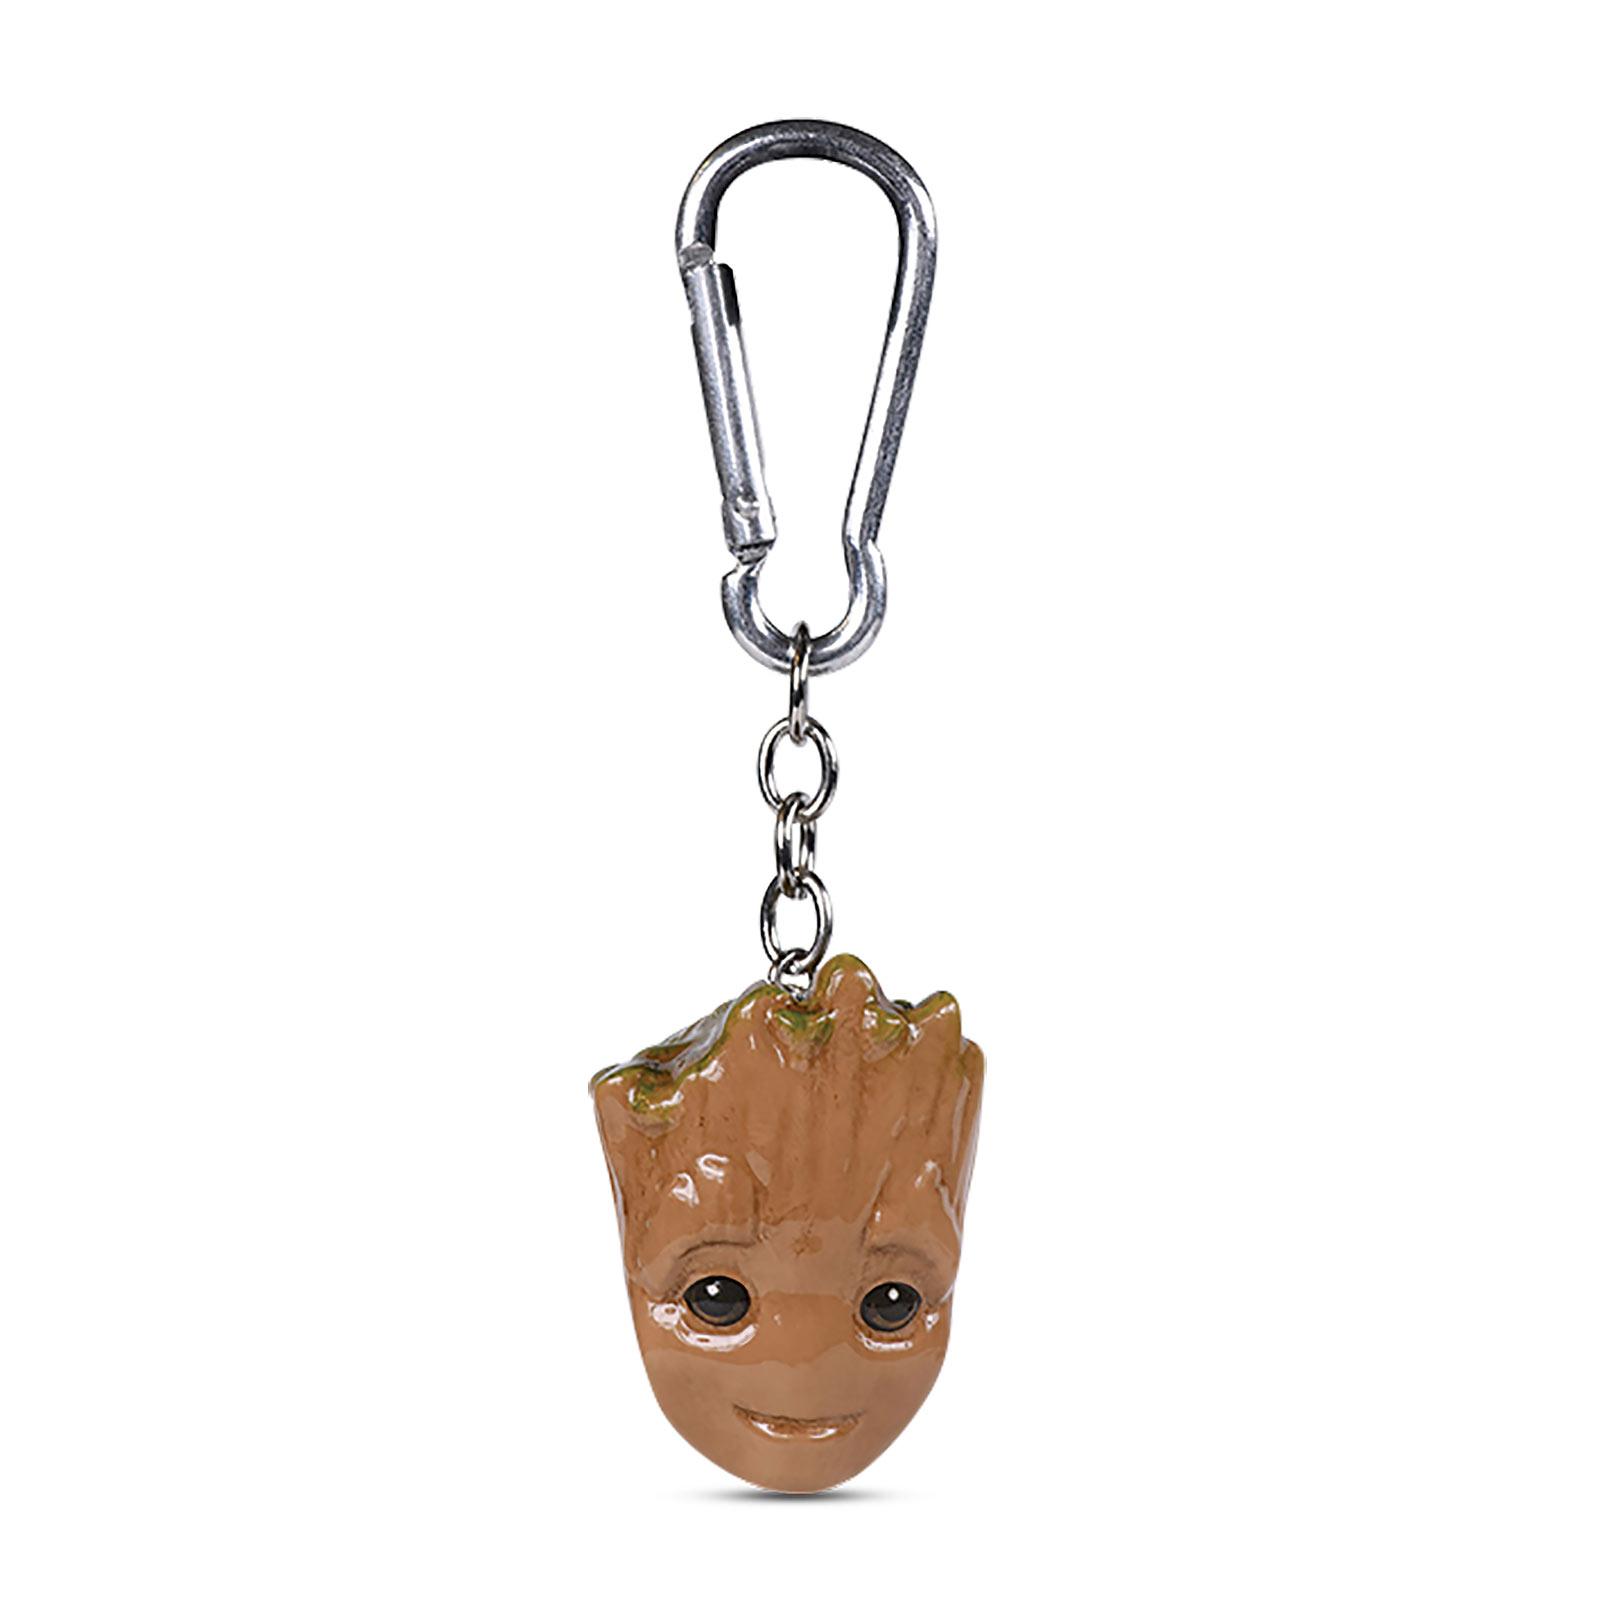 Guardians of the Galaxy - Baby Groot 3D Schlüsselanhänger